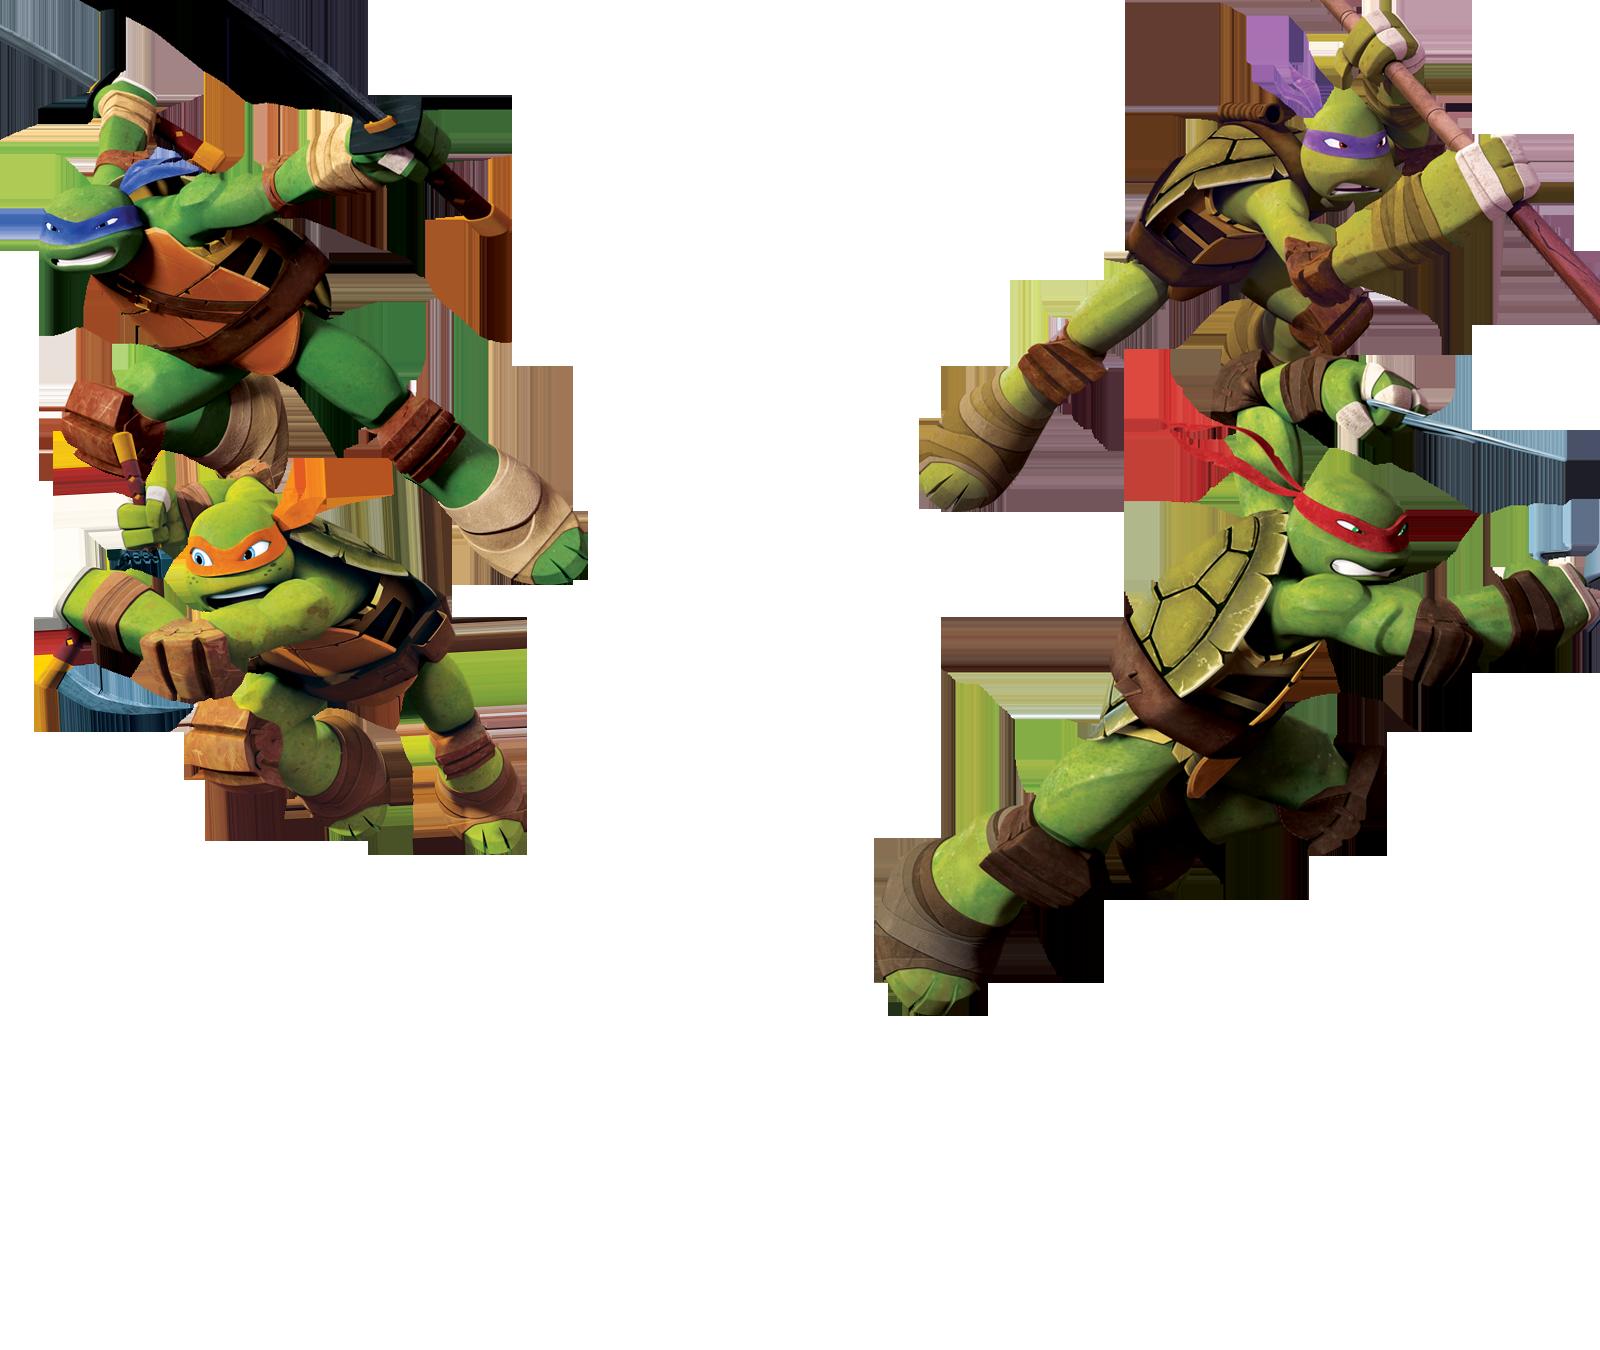 Ninja Turtles clipart animated Mutant Animation Careers Free Teenage